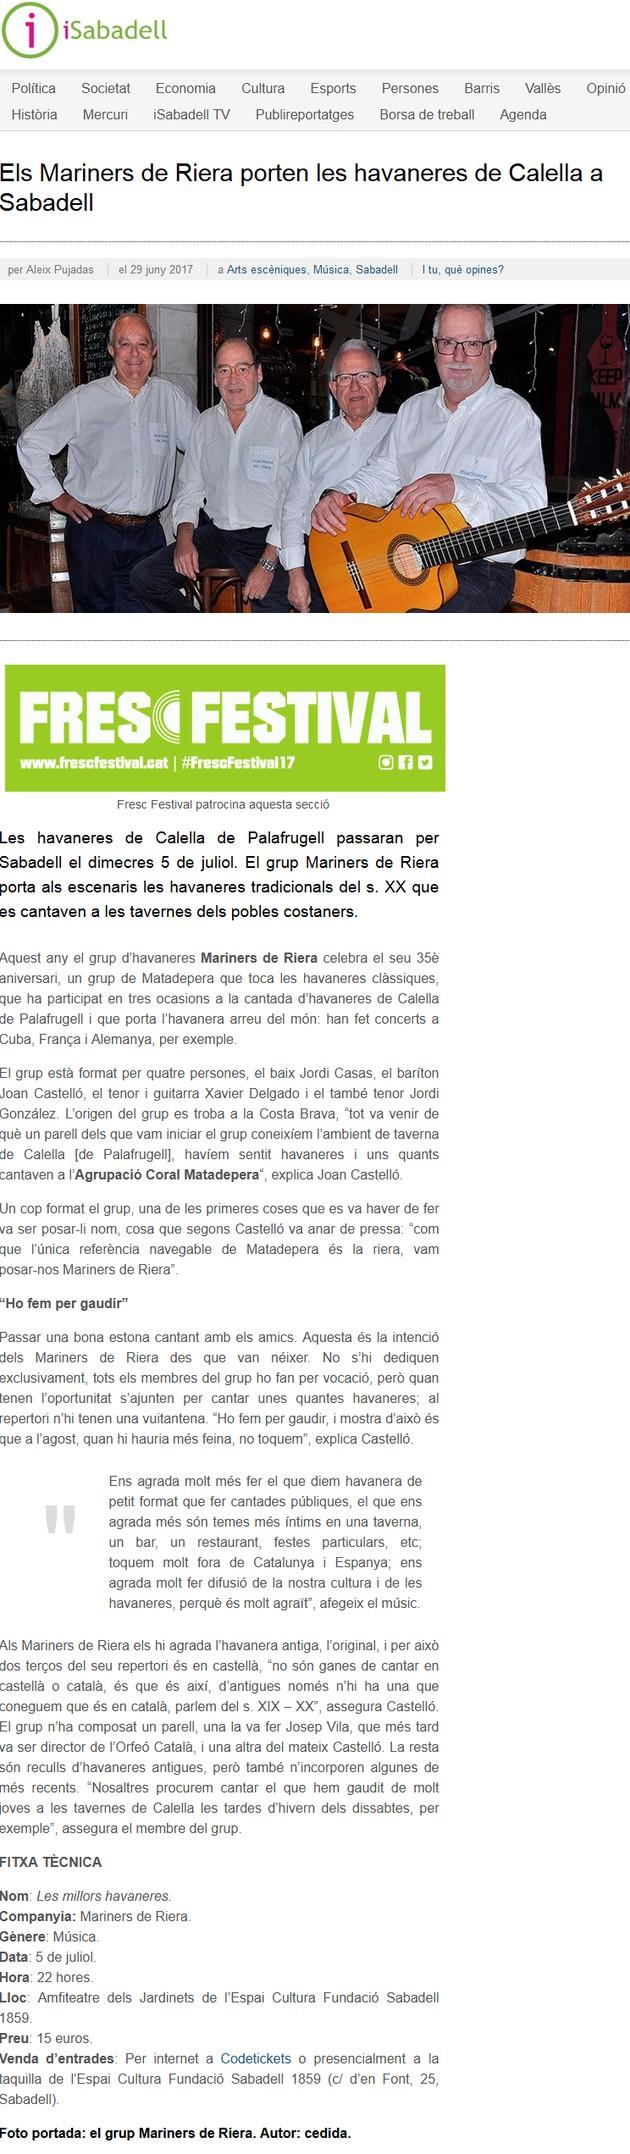 iSabadell: Els Mariners de Riera porten les havaneres de Calella a Sabadell